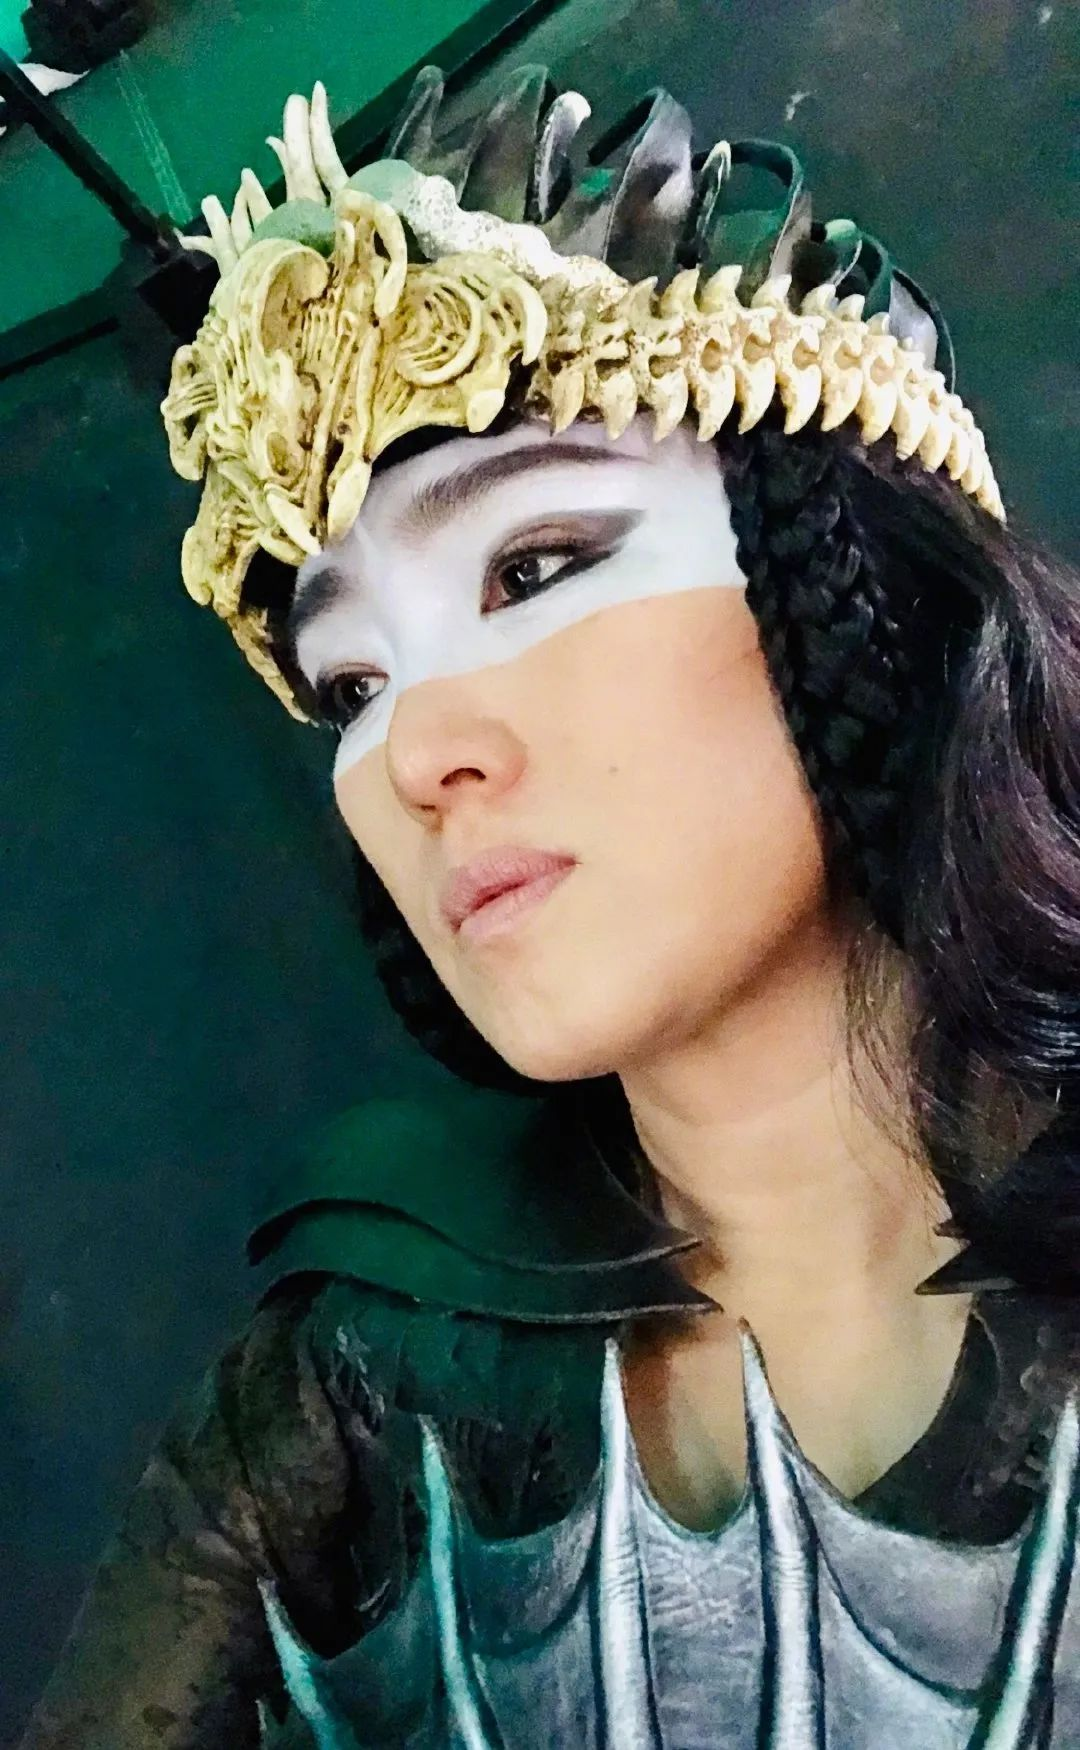 《花木兰》评分暴跌,刘亦菲演技被嘲,网友看盗版都觉得浪费时间